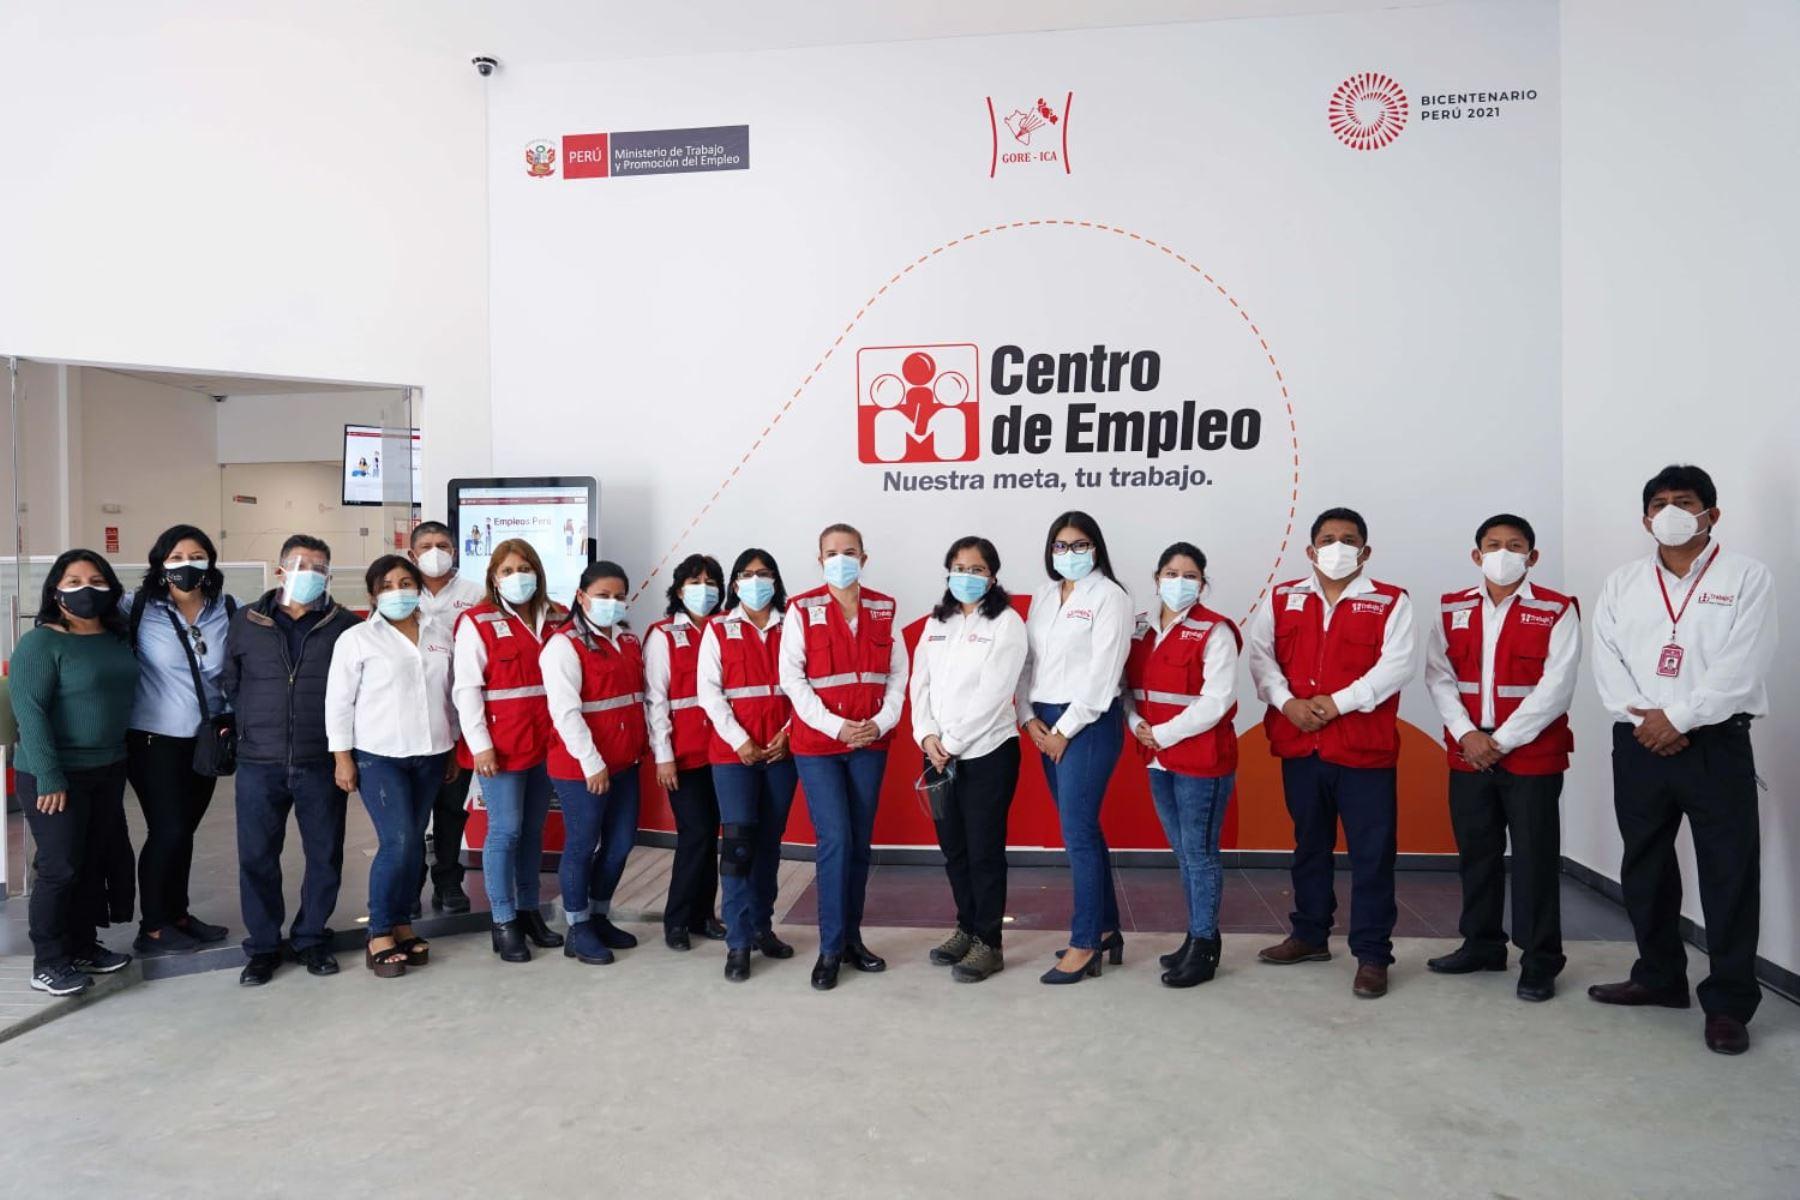 El ministro de Trabajo y Promoción del Empleo (MTPE), Javier Palacios Gallegos, inauguró el nuevo local del Centro de Empleo en la región Ica, con el propósito de acercar a la población diversos servicios que les permitirá un mejor acceso al mercado laboral. Foto: ANDINA/Ministerio de Trabajo